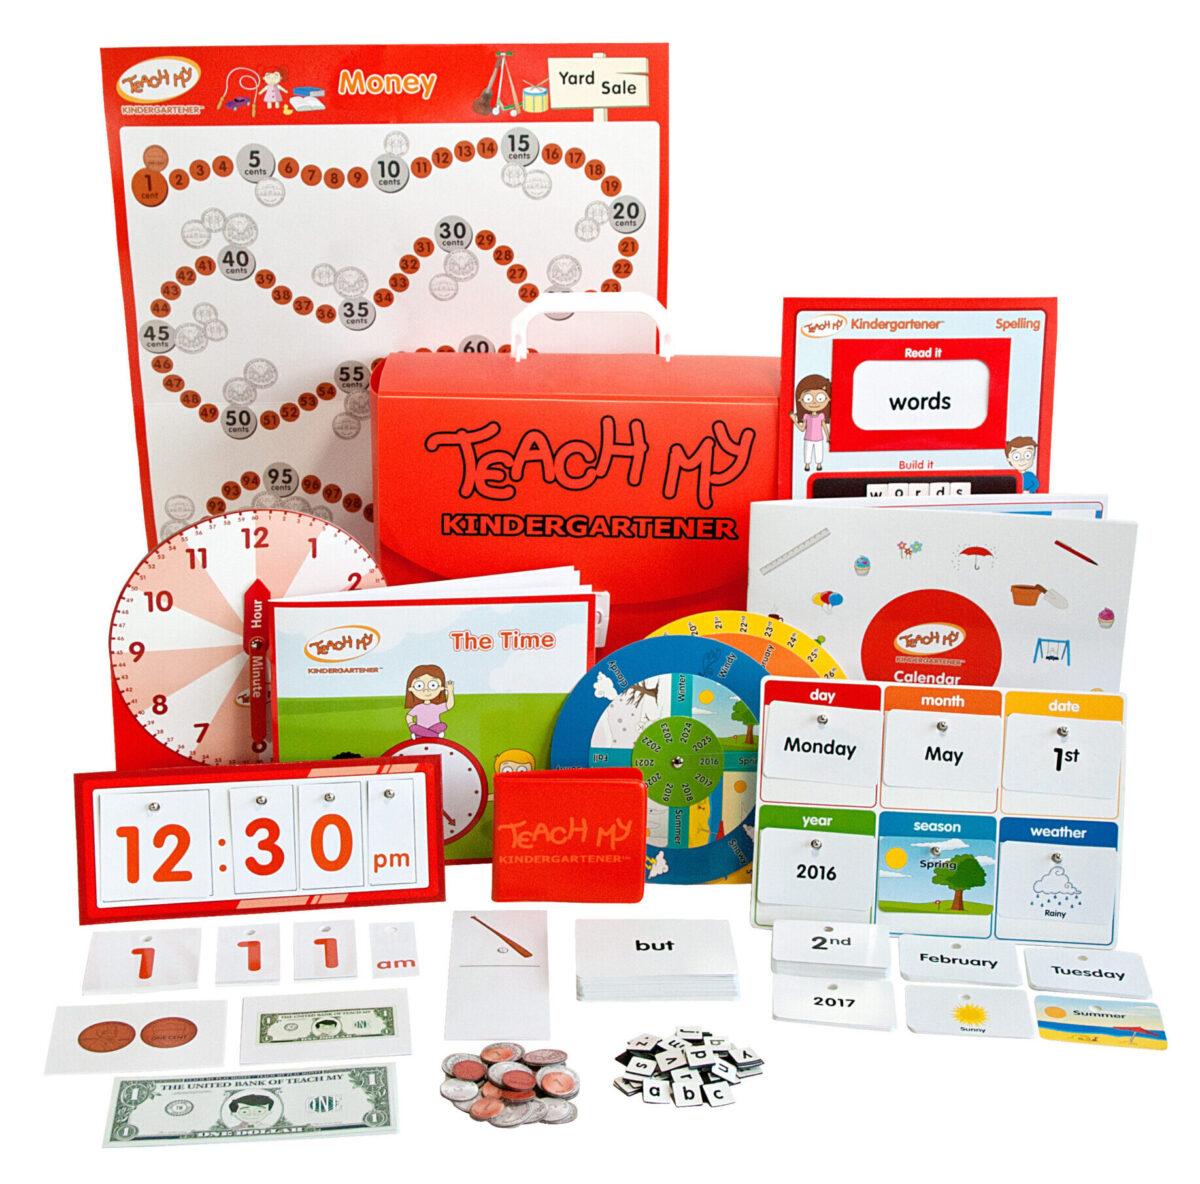 teach my kindergartner kit